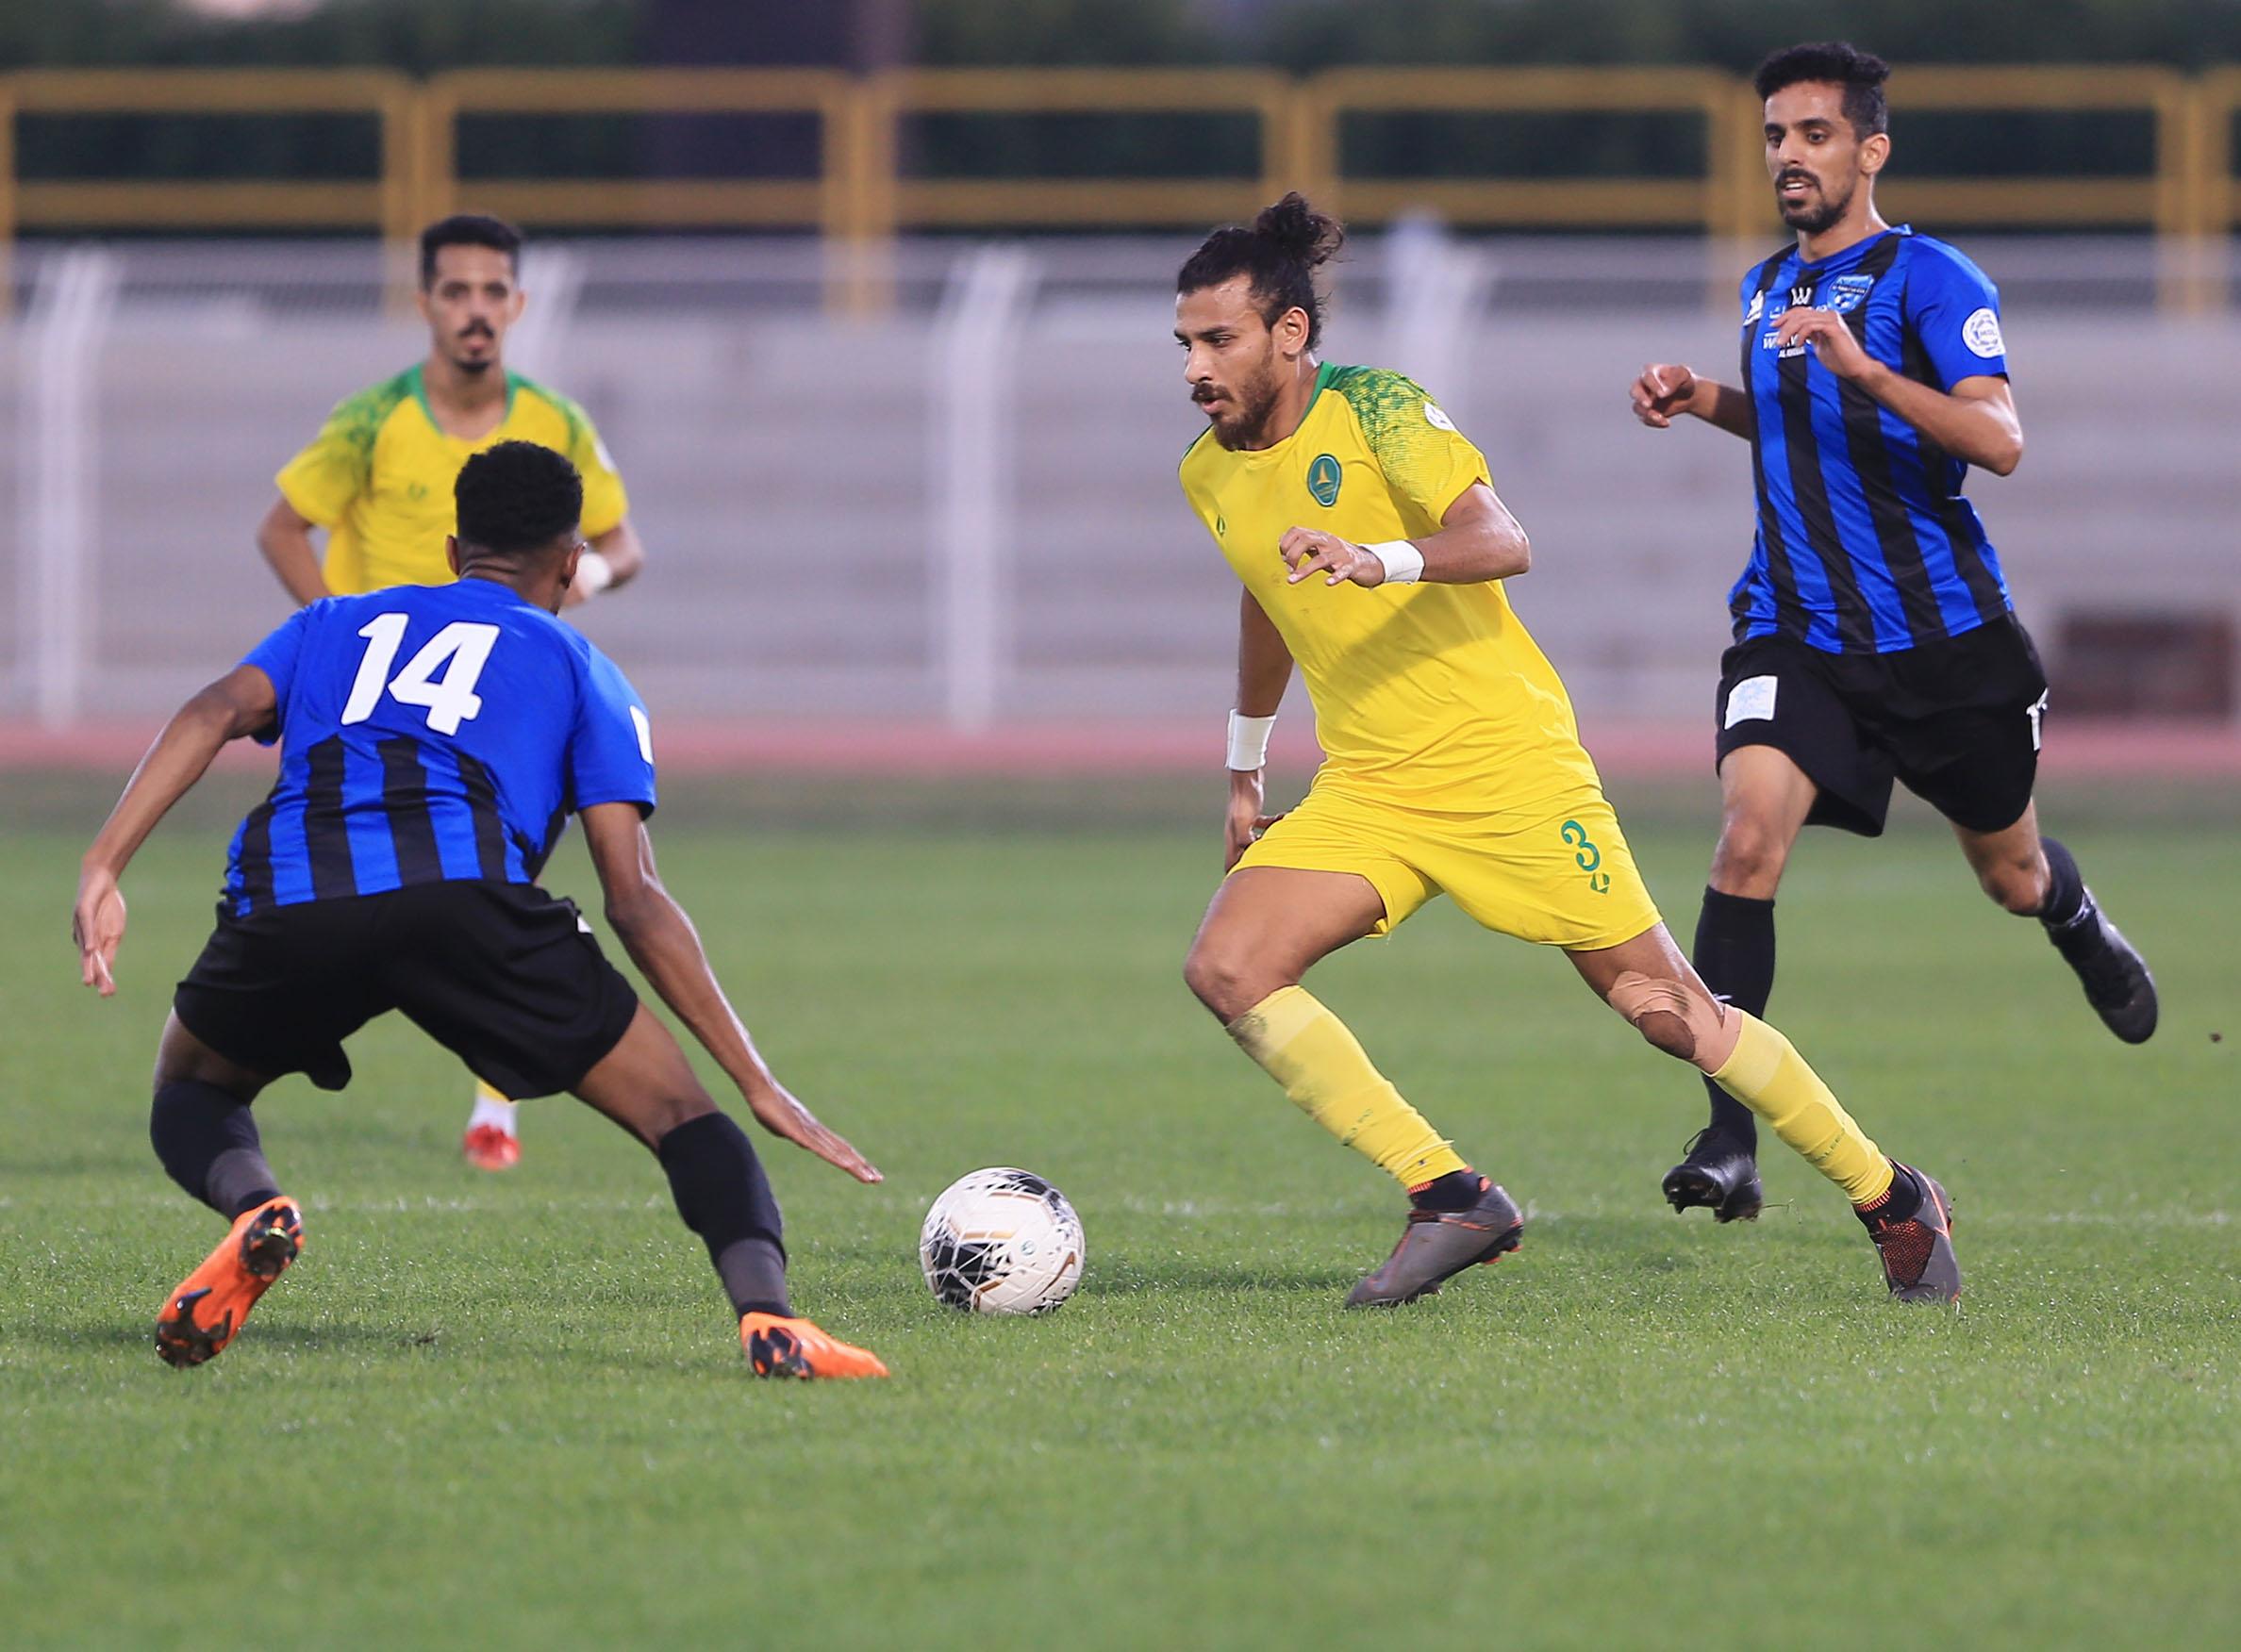 الخليج ينهي الدور الأول من دوري الأمير محمد بن سلمان بالتعادل مع النهضة